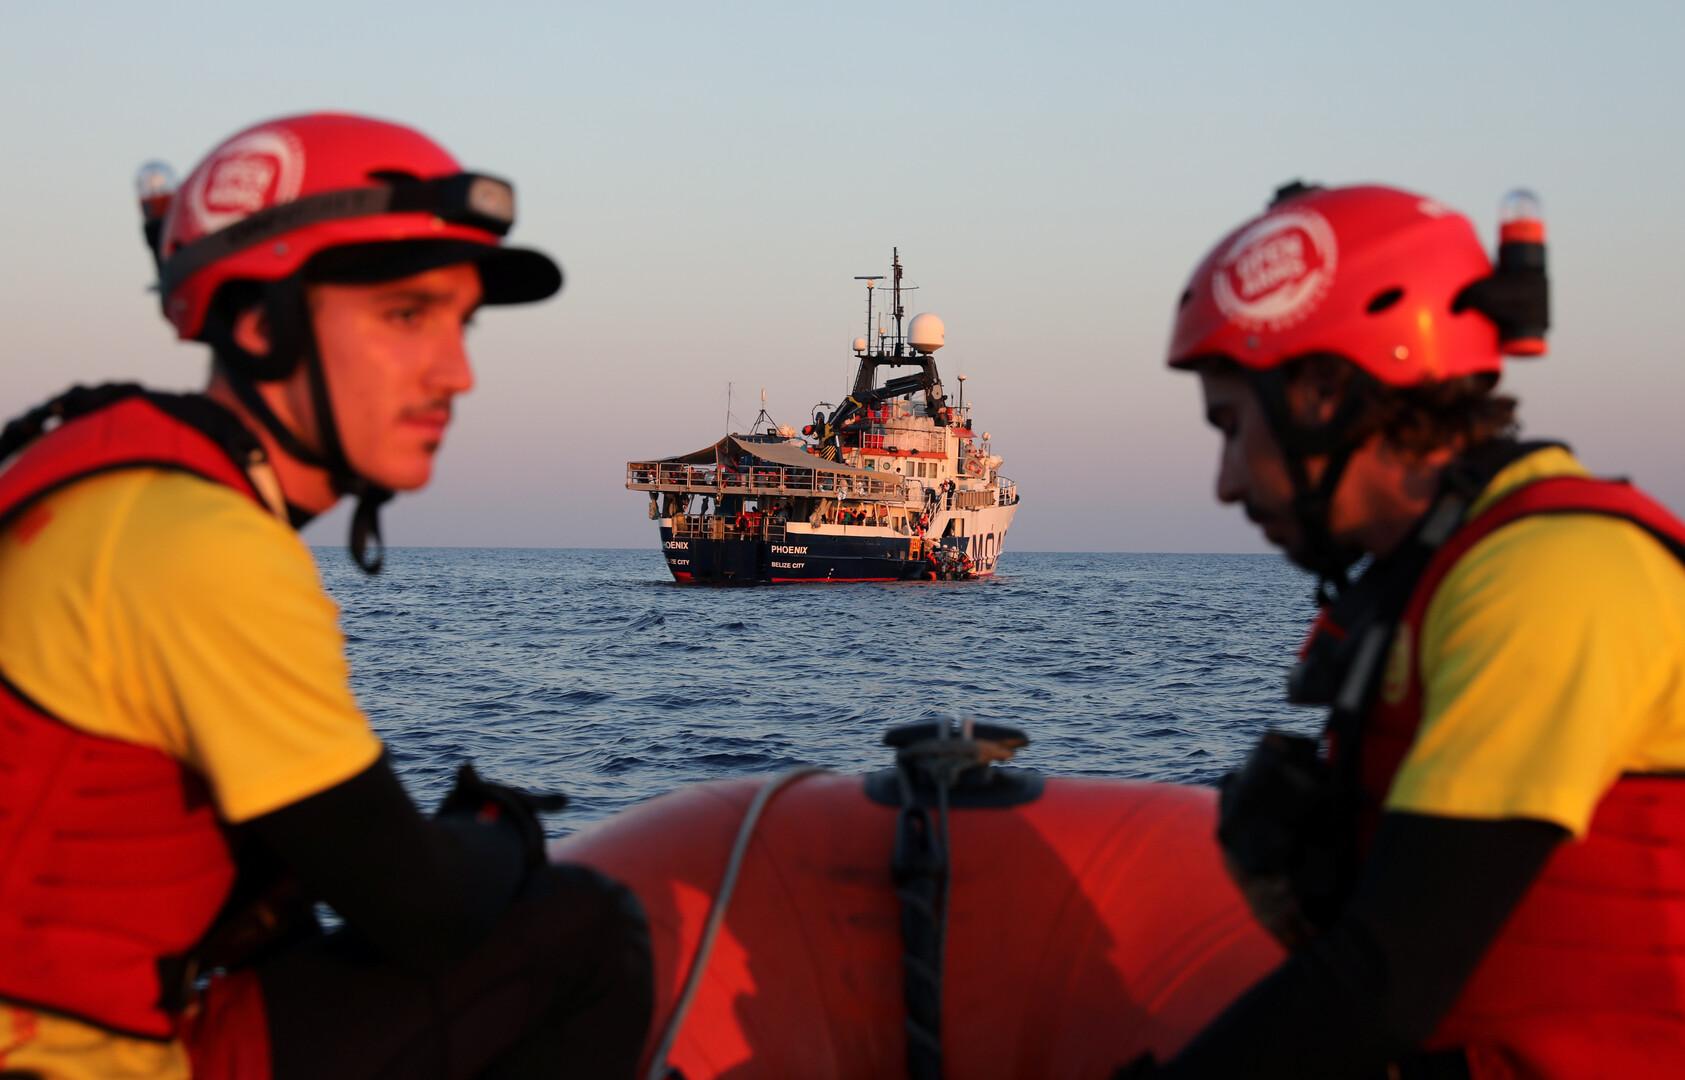 البحرية الليبية: إنقاذ 108 مهاجرين غير شرعيين بينهم أطفال ونساء